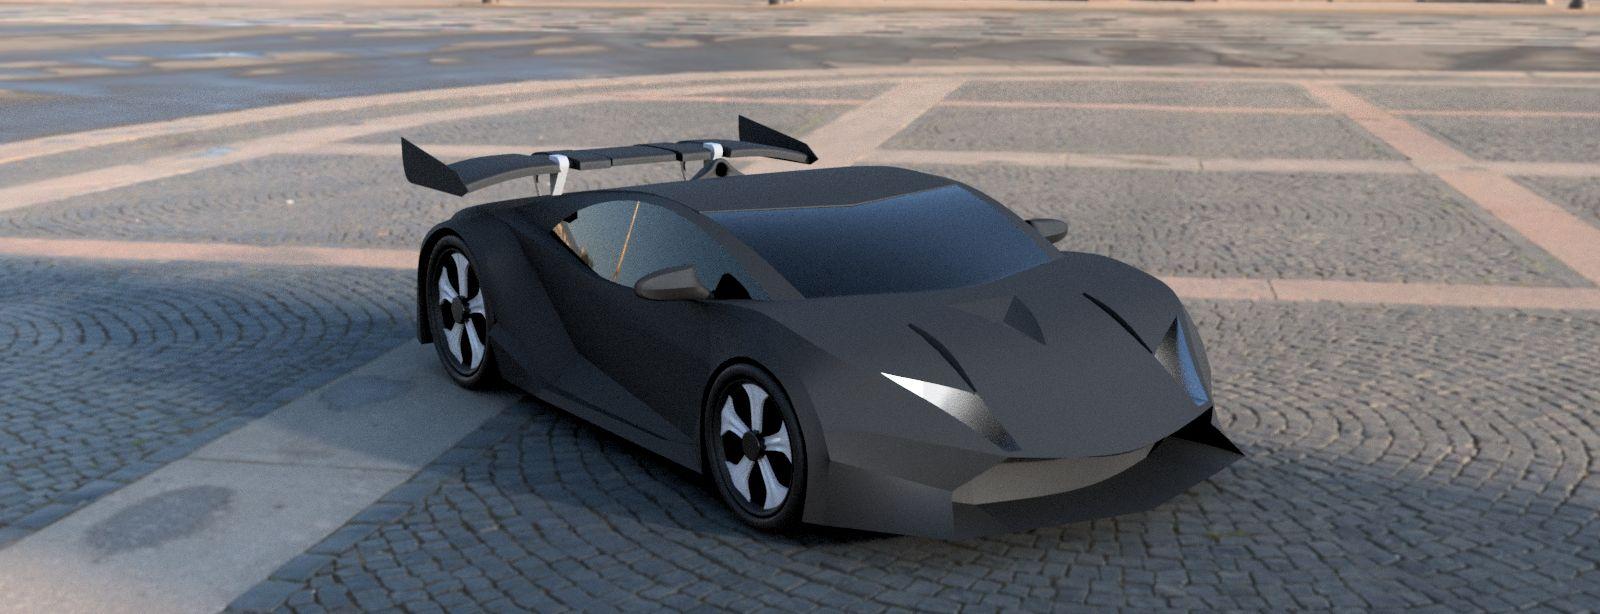 Concept-car-2-v19-3500-3500